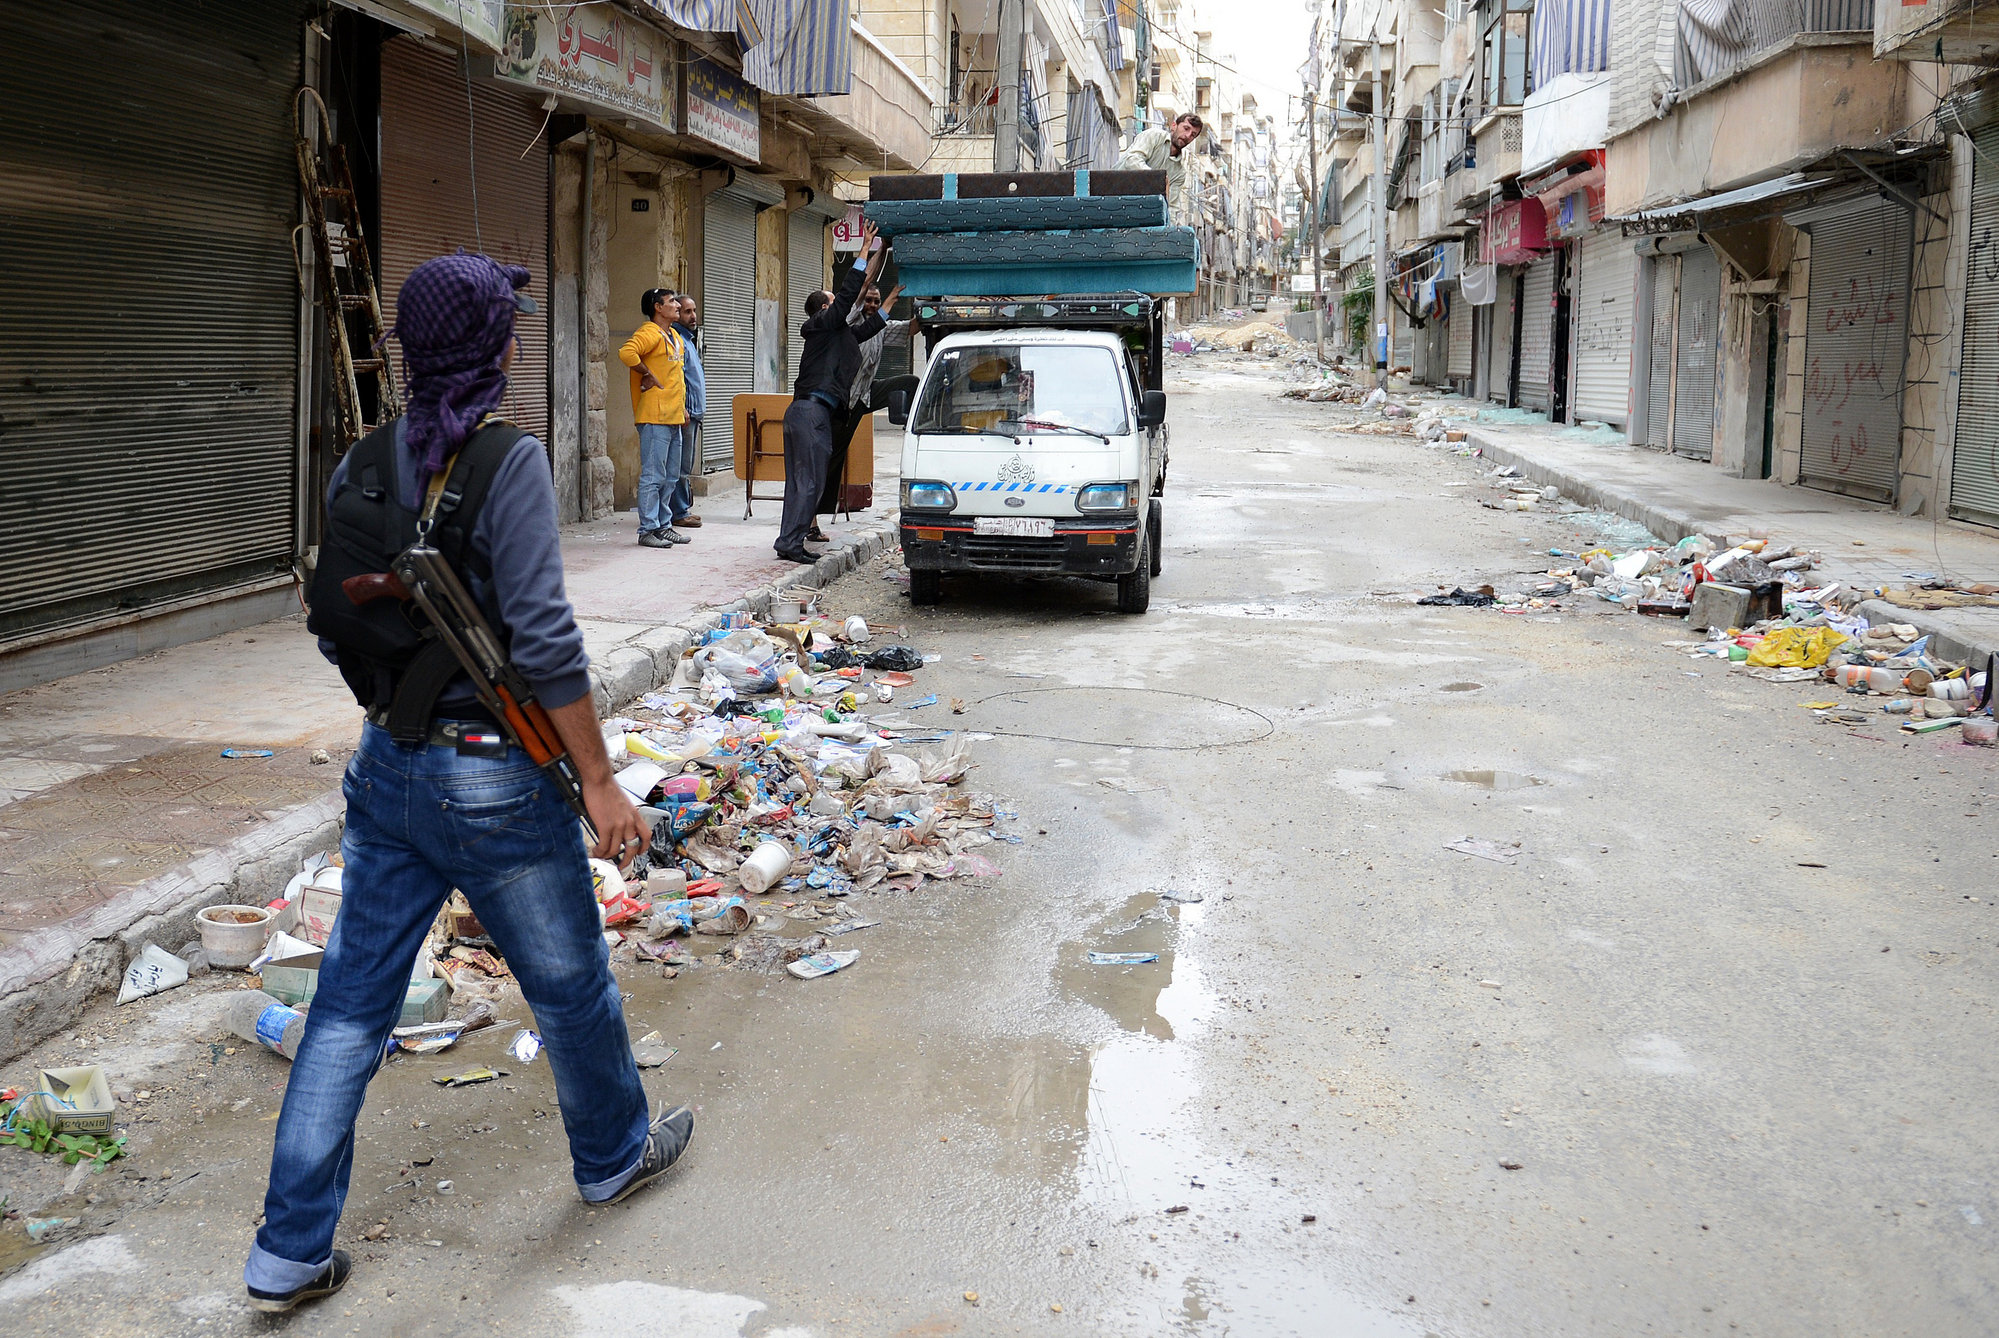 Siria comienza la tregua lamentando la muerte de más de un centenar de personas el jueves